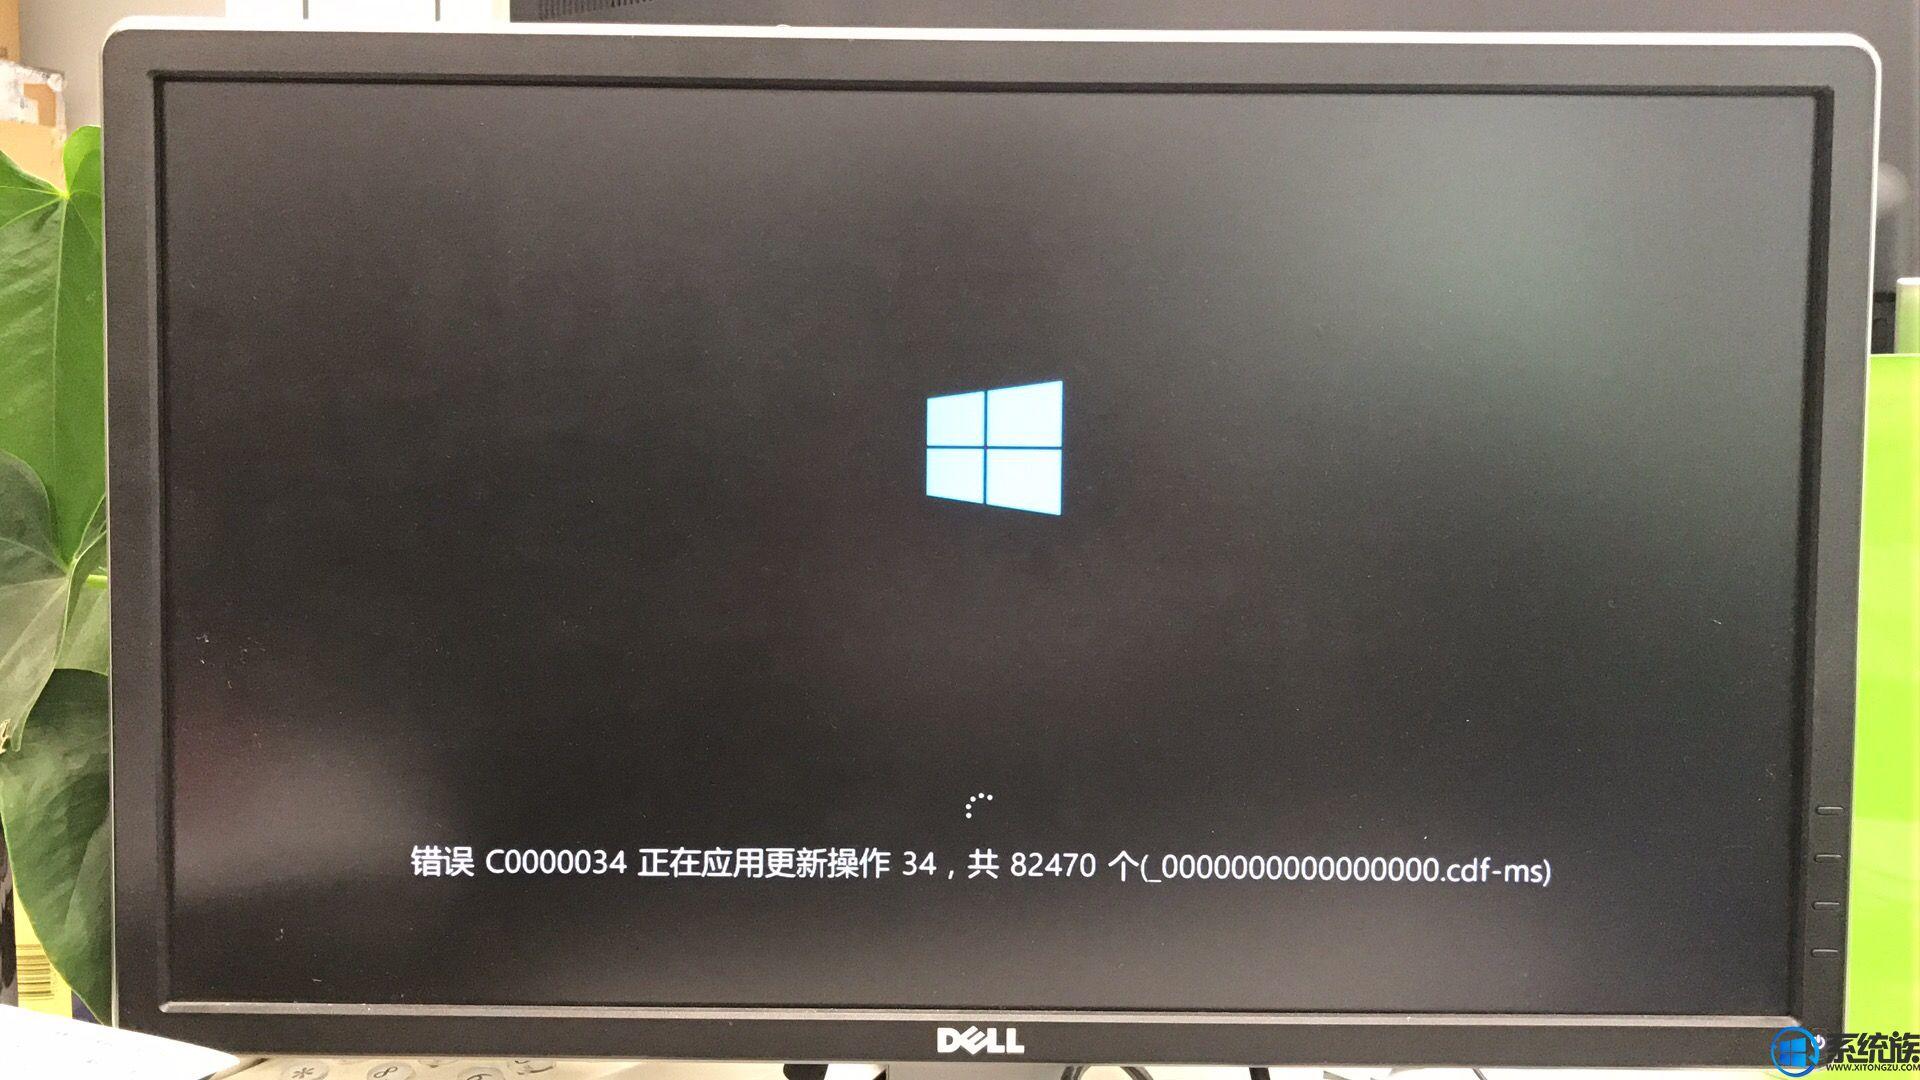 win7系统出现致命错误c0000034正在应用更新怎么办